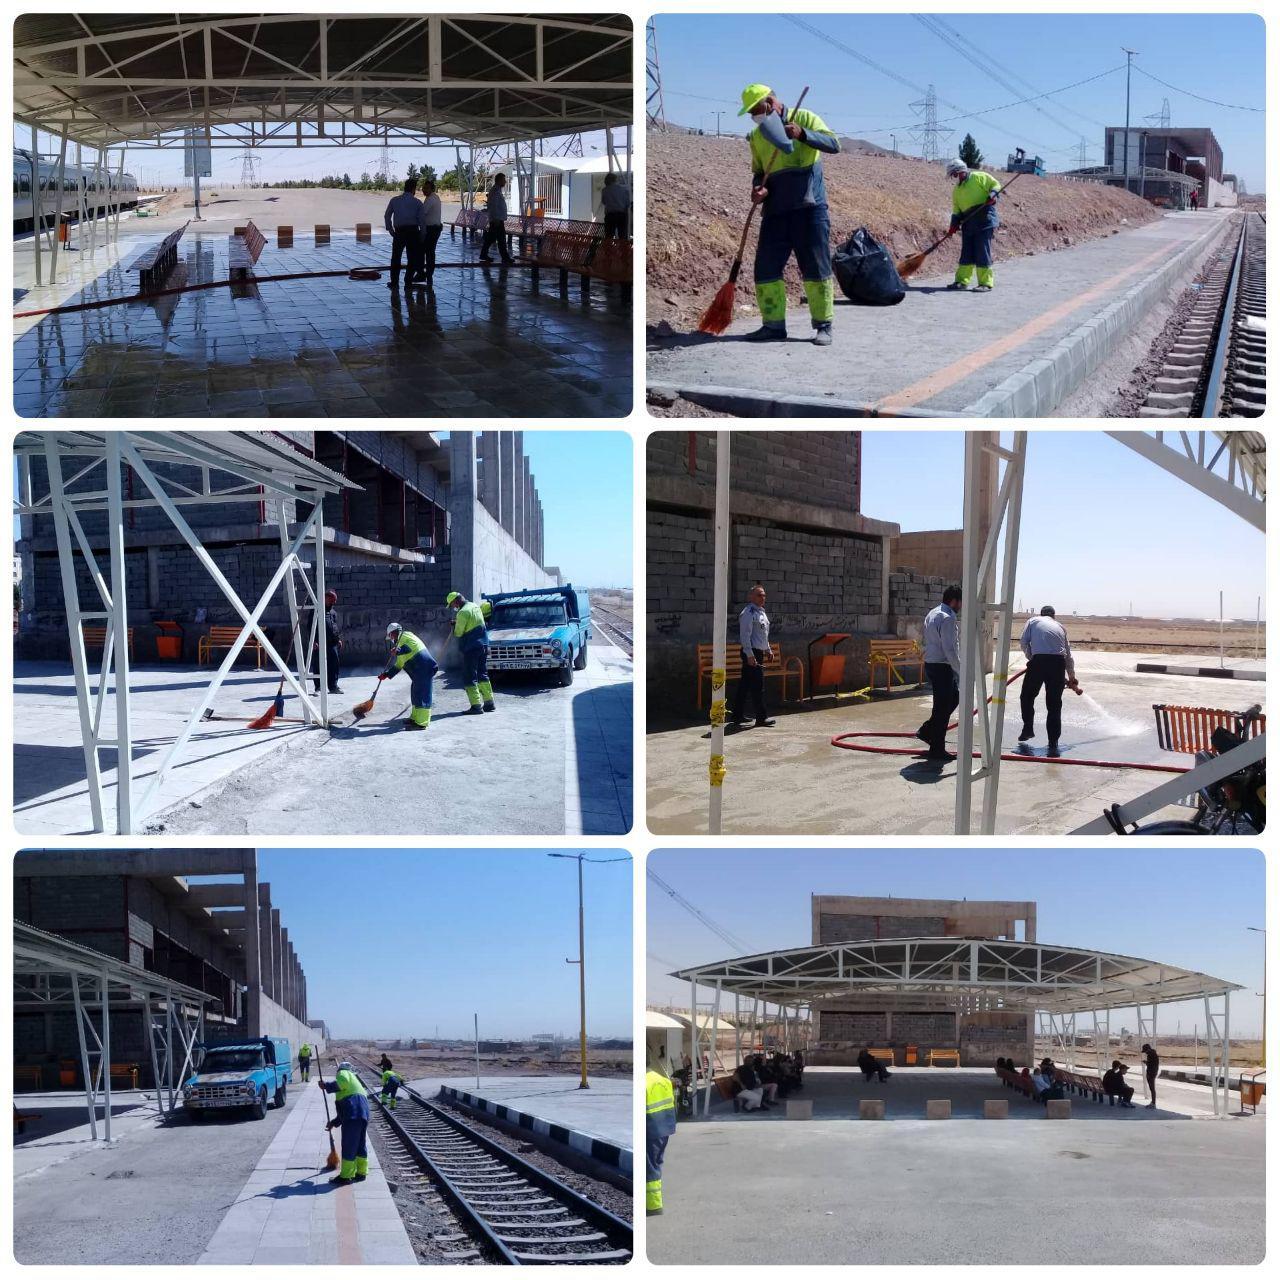 اجرای طرح جهادی پاکسازی و تنظیف در ایستگاه ریل باس پرند